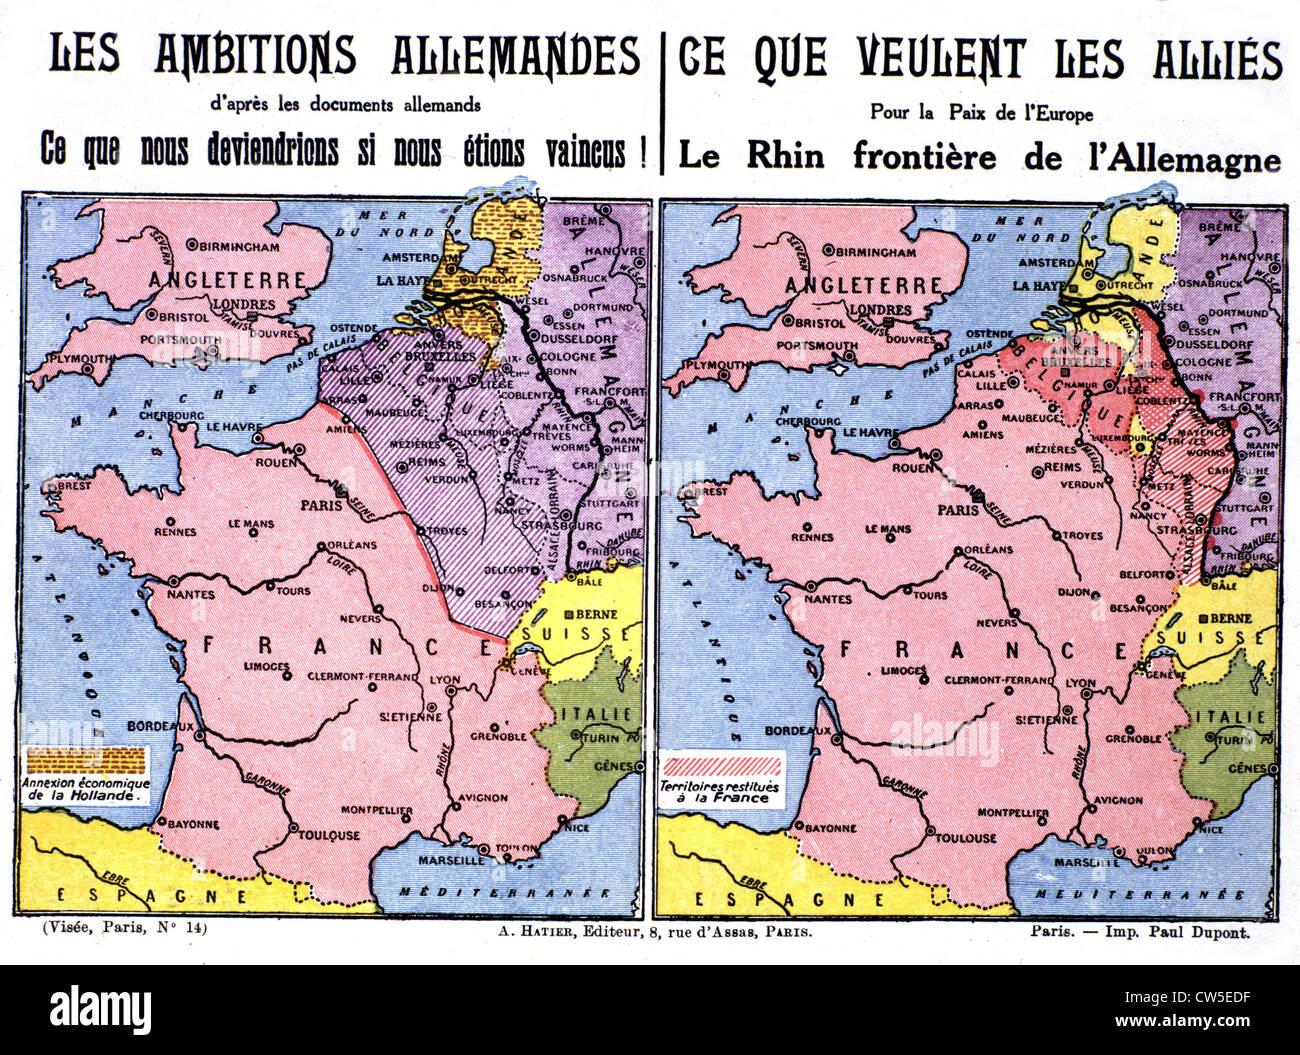 Guerra mondiale I. cartolina stampata dalla Ligue des Patriotes: mappe che mostrano le ambizioni tedesco (1915) Immagini Stock